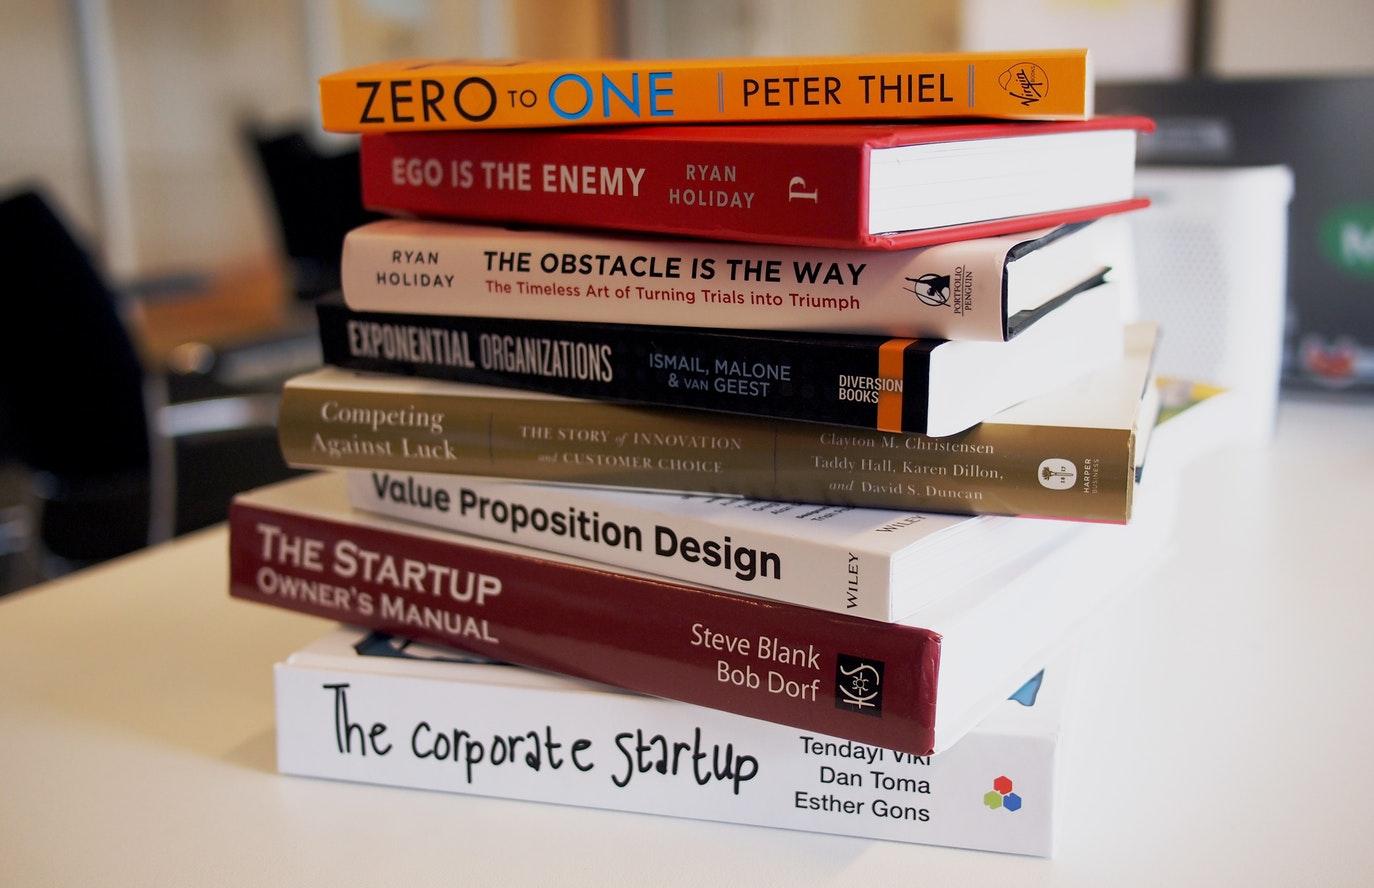 피터 티엘은 그의 저서 <제로 투 원>에서 작은 스타트업이 큰 기업과 경쟁하는 법을 말한다. ⓒDaria Nepriakhina/Unsplash